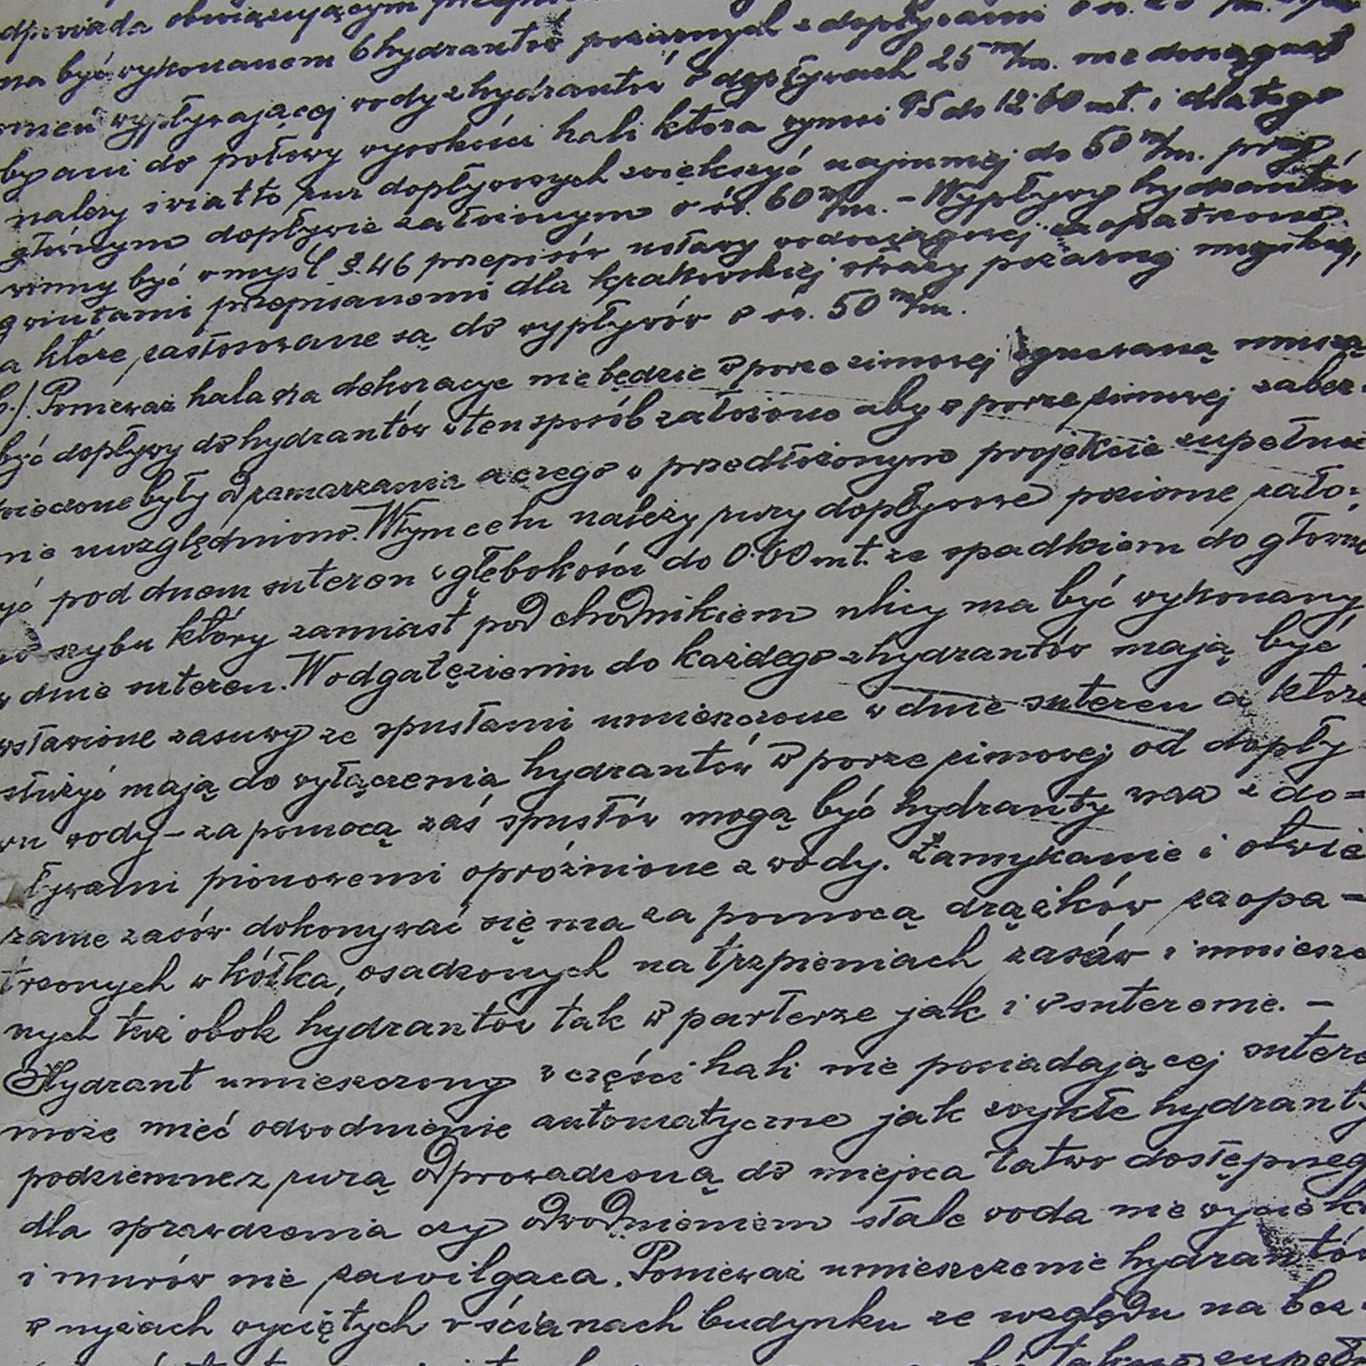 Dokument wydany przez Magistrat stołeczno królewskiego miasta Krakowa z 14 listopada 1903 roku